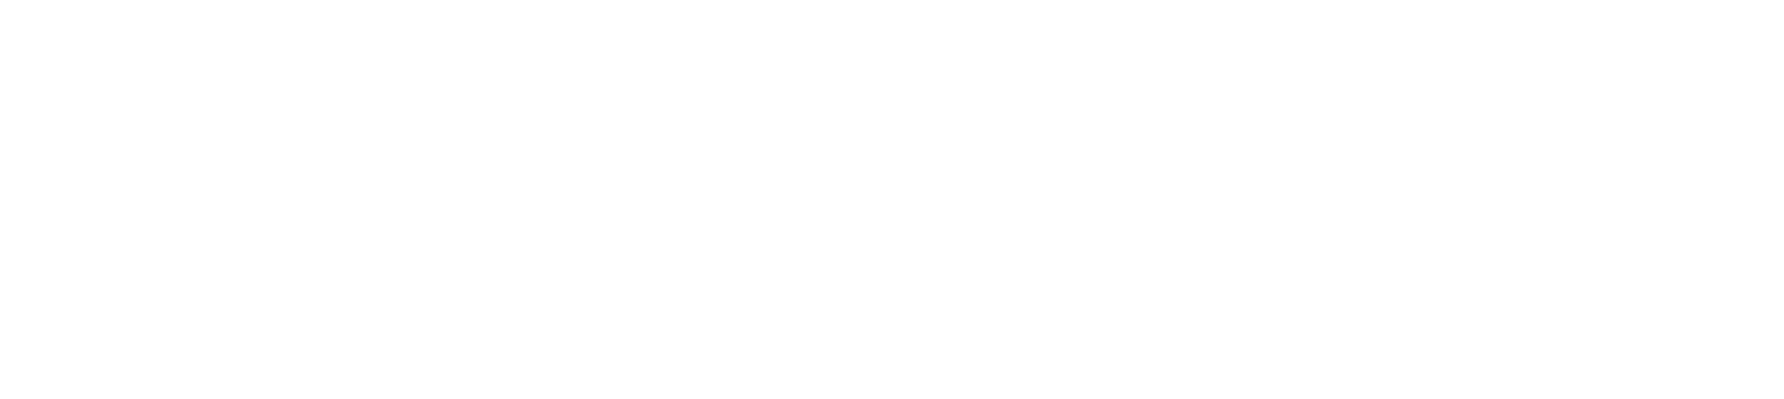 Sam Boutris Official Website